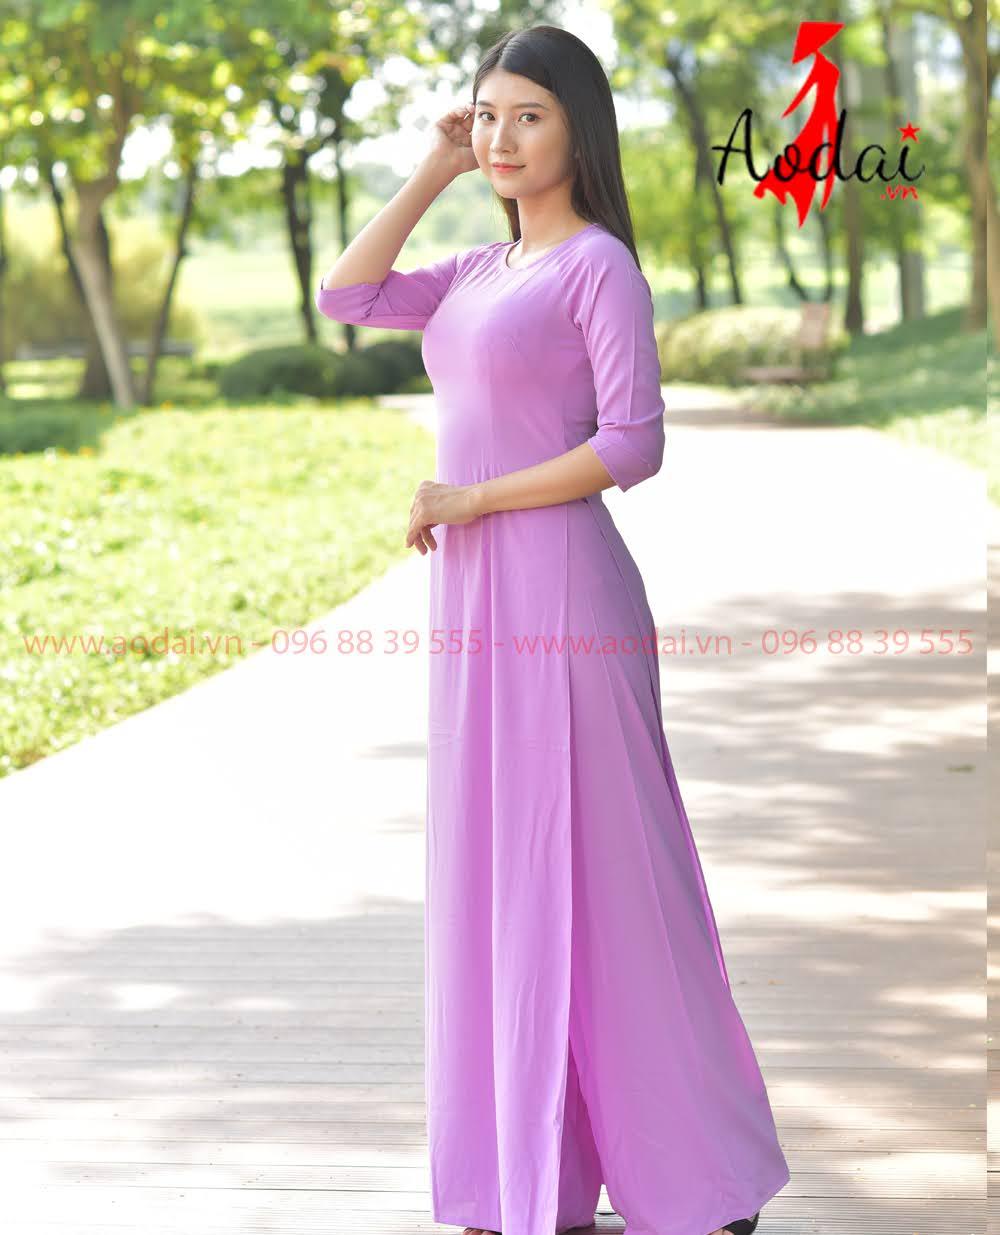 May áo dài tại Quảng Nam